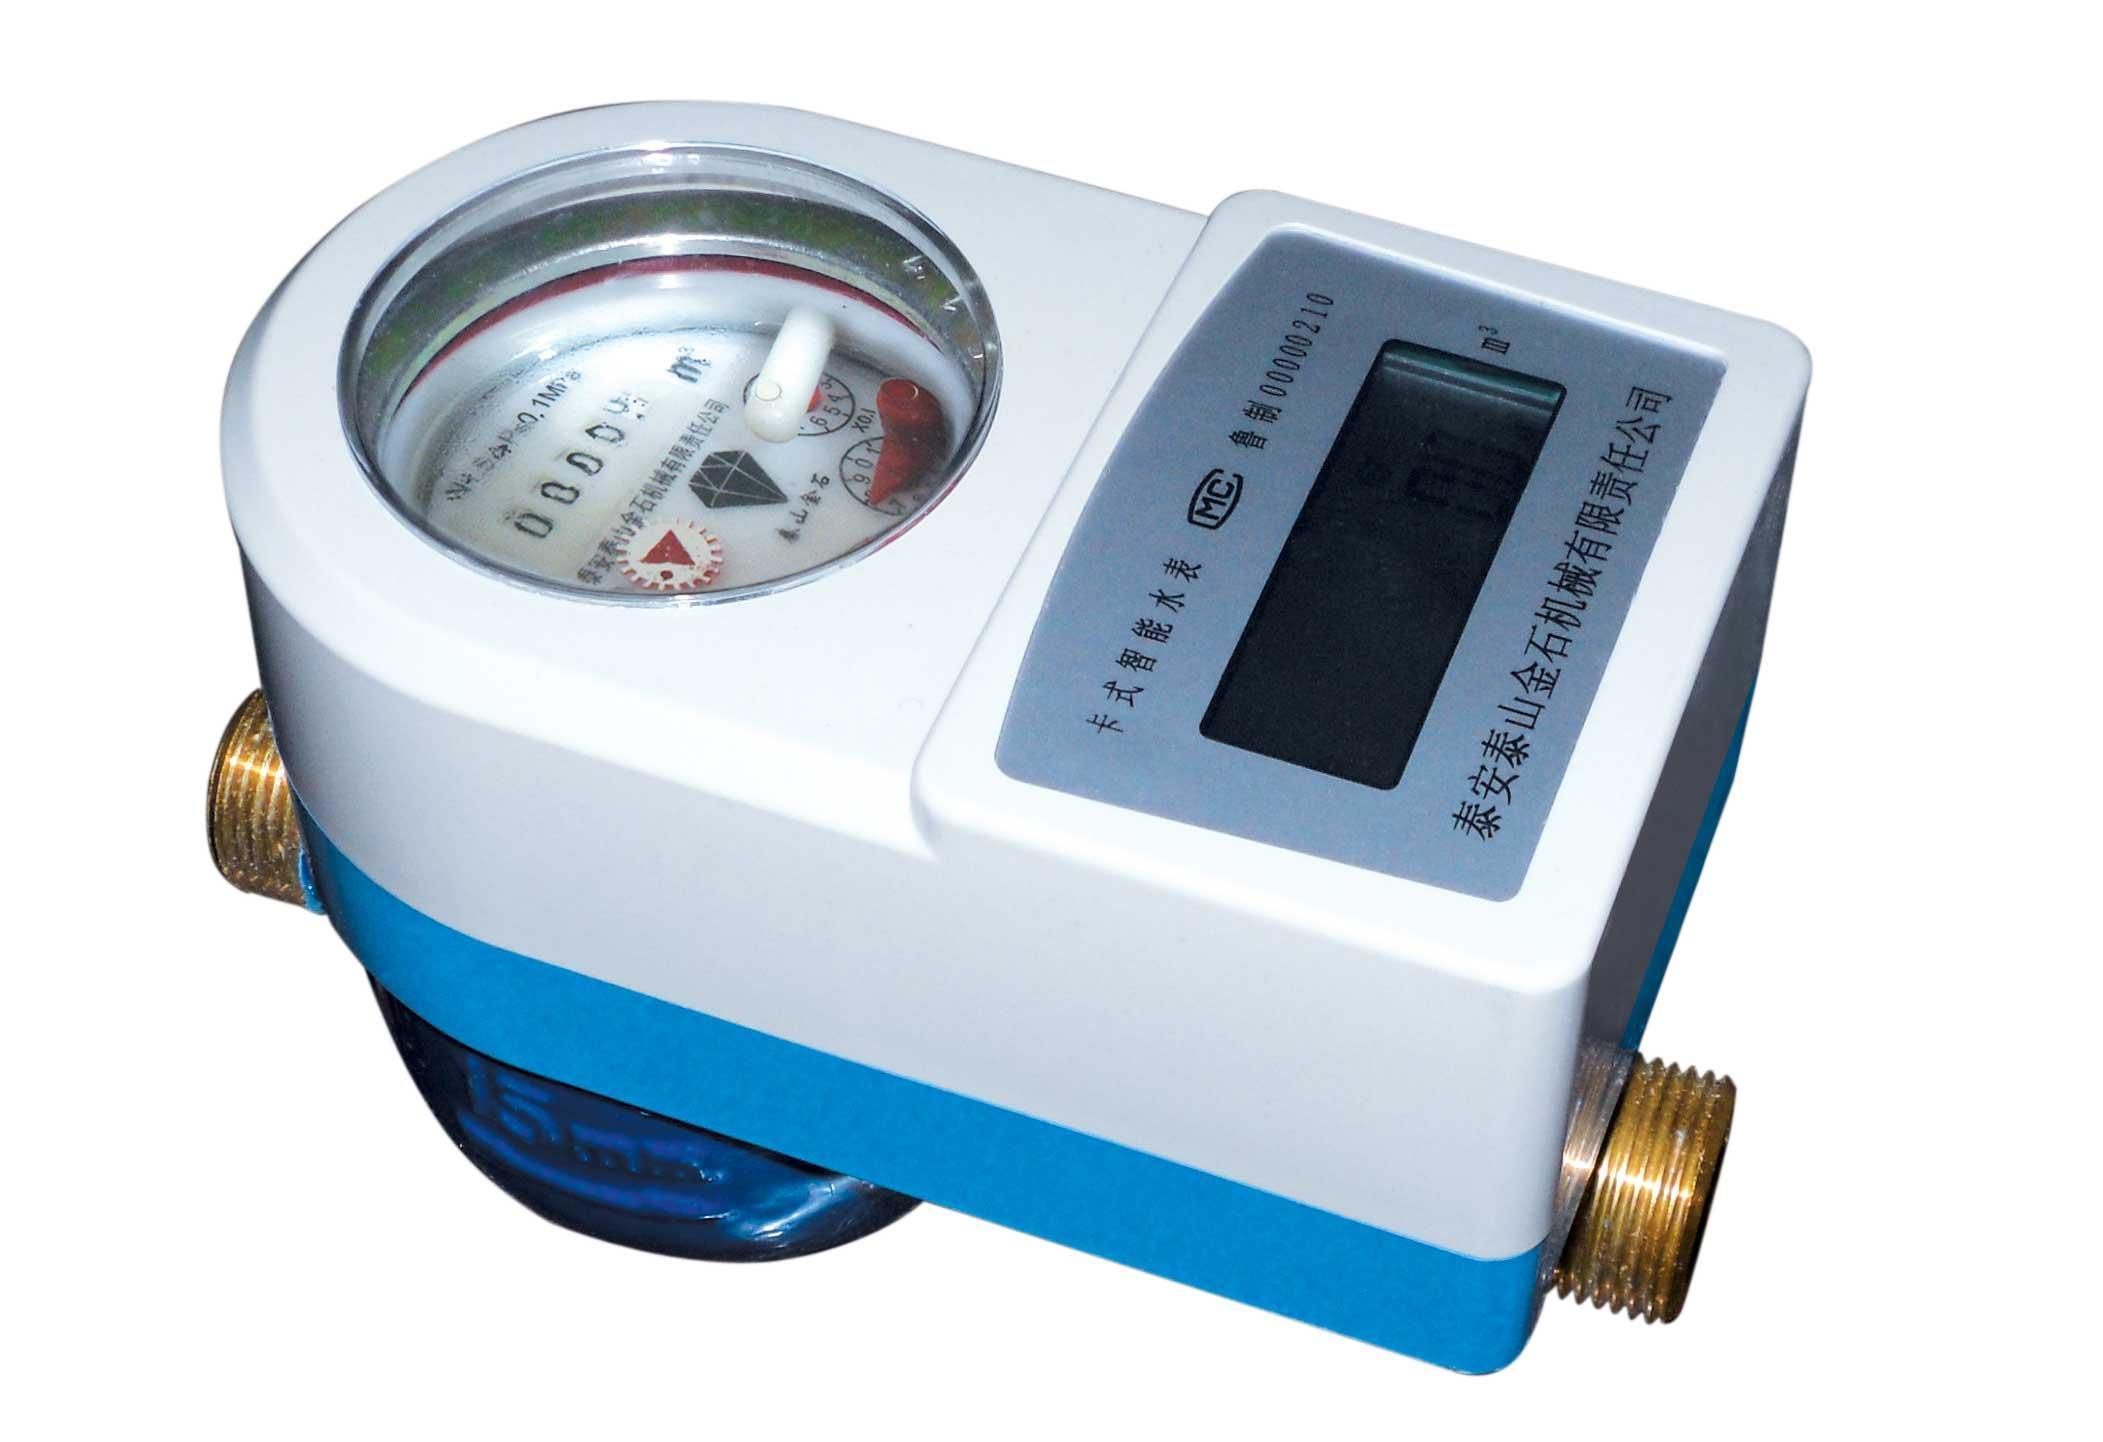 智能水表图片 智能水表样板图 IC卡射频卡预付费智能水表 ...